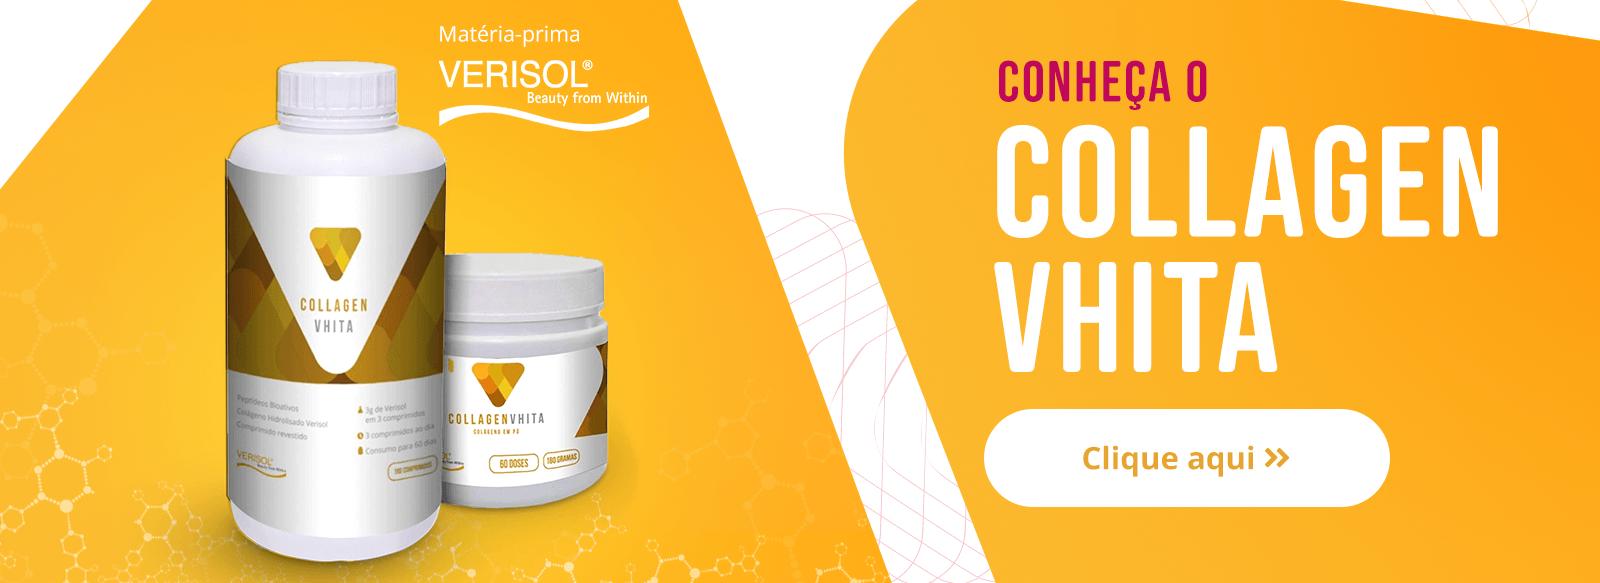 Colágeno hidrolisado melhor marca - Collagen vhita